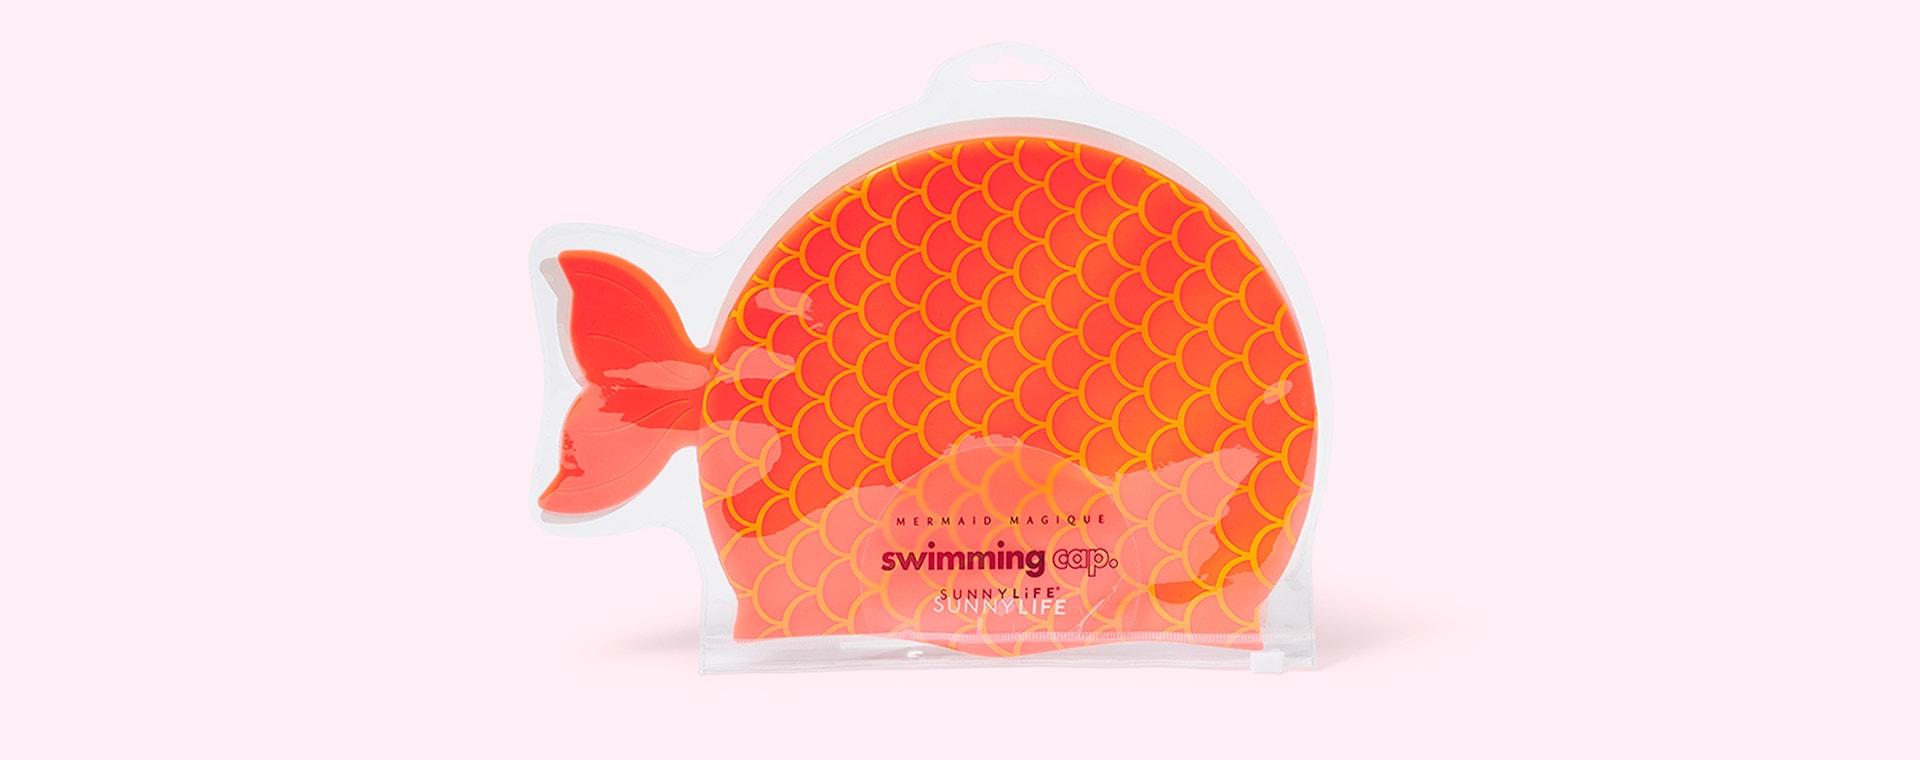 Mermaid Magique Sunnylife Swimming Cap